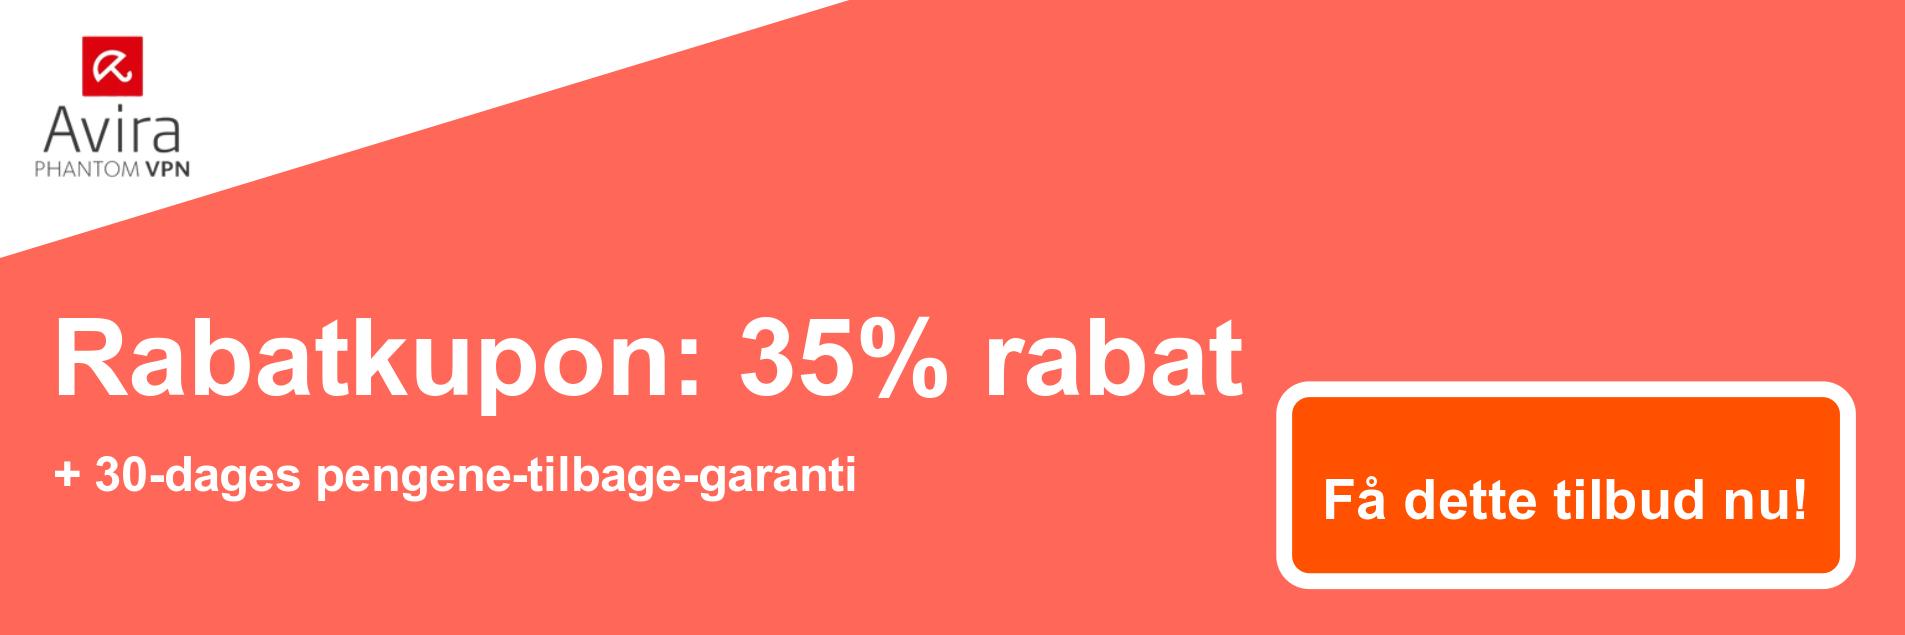 AviraVPN-kuponbanner - 35% rabat